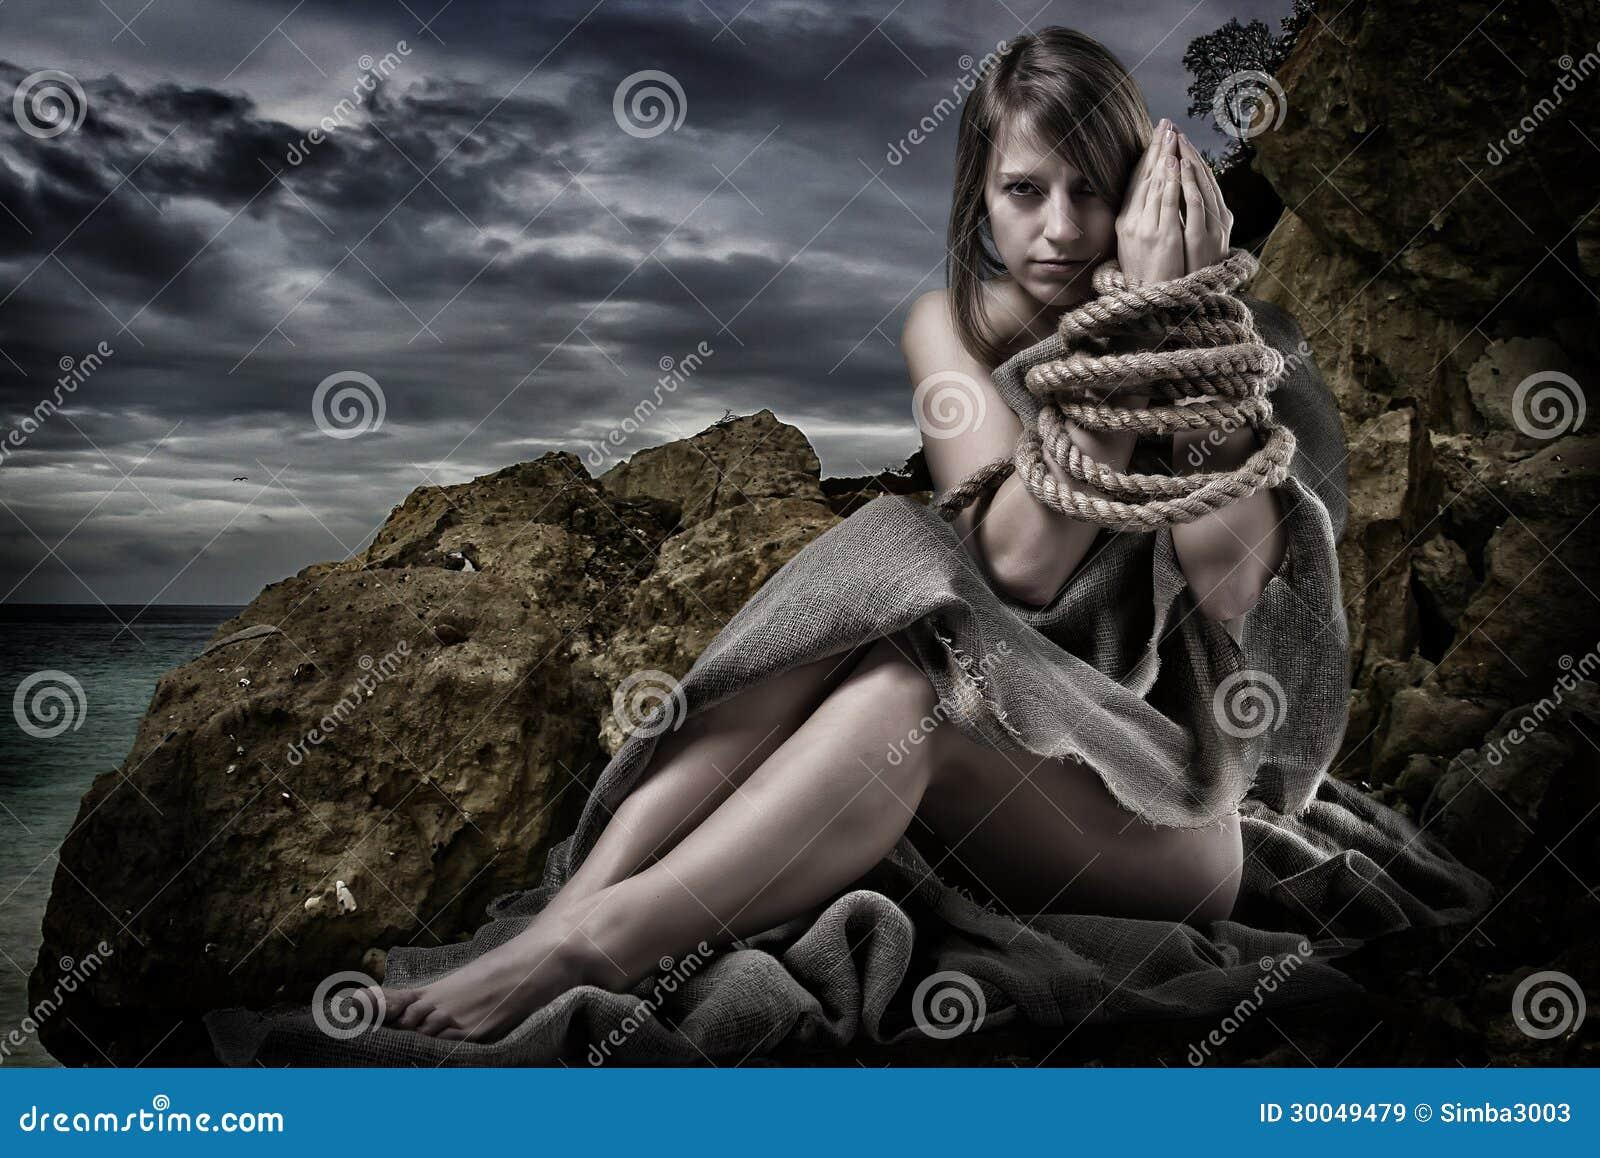 Женщины со связанными руками фото 212-266